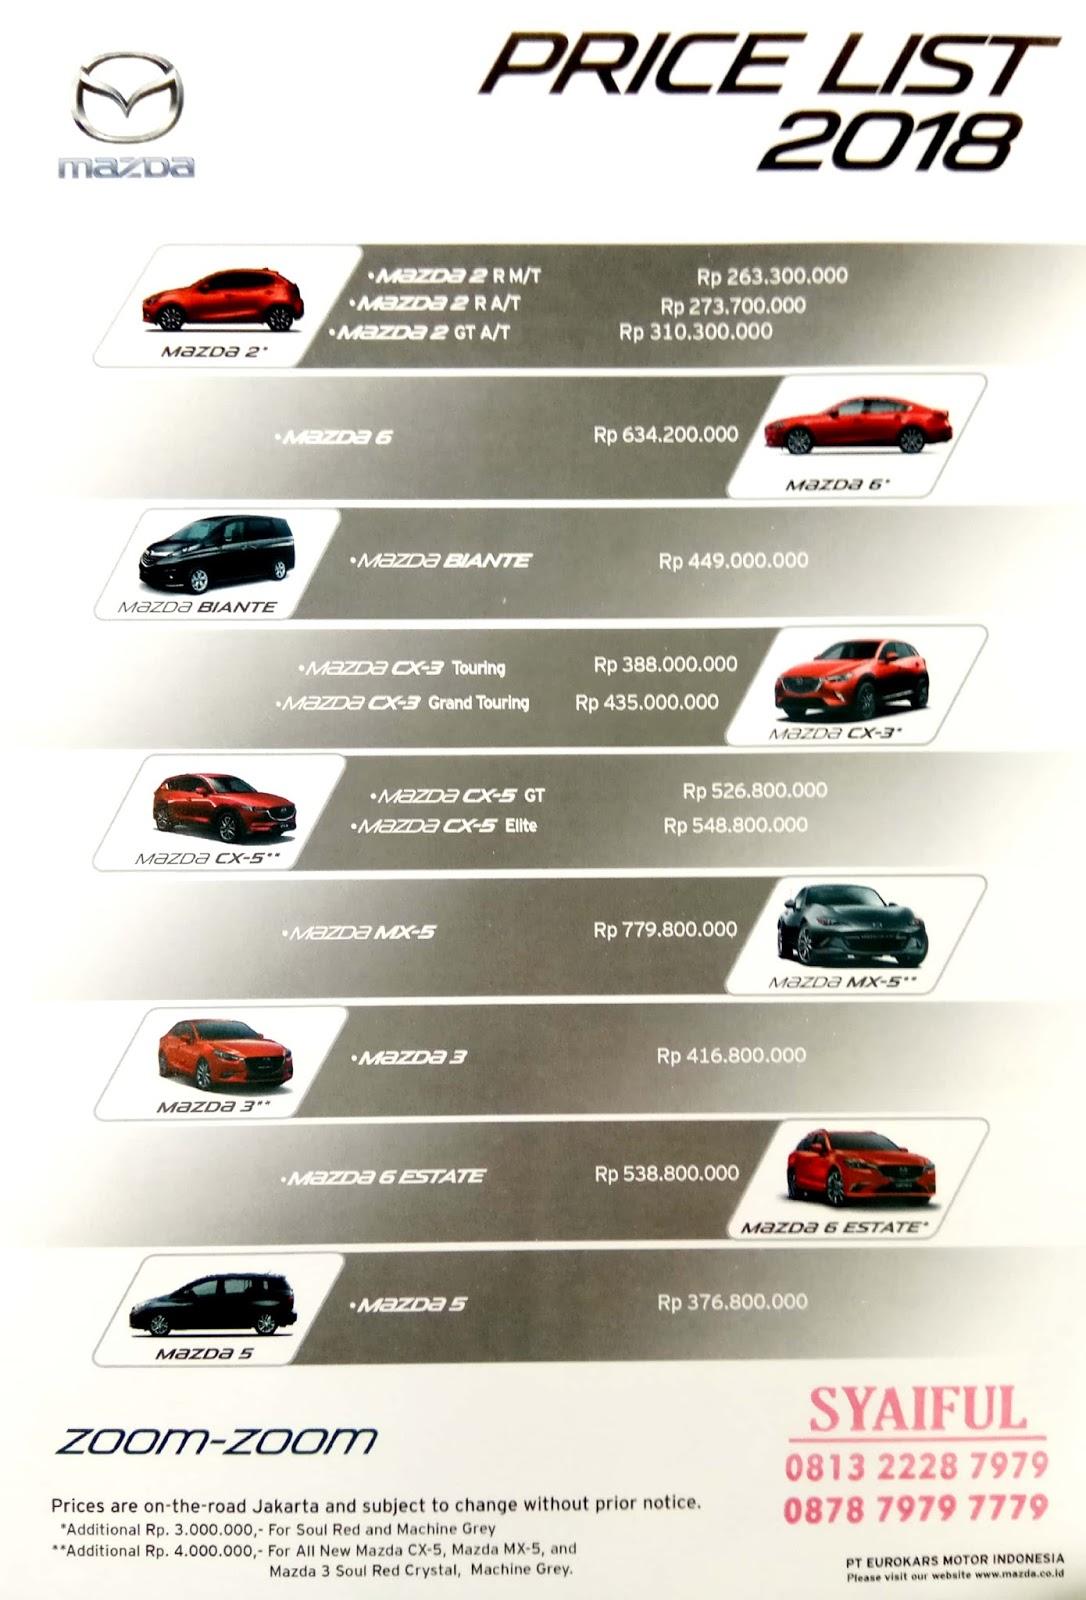 Pricelist Mazda 2018 Dealer Mazda Jakarta Bekasi Tangerang Depok